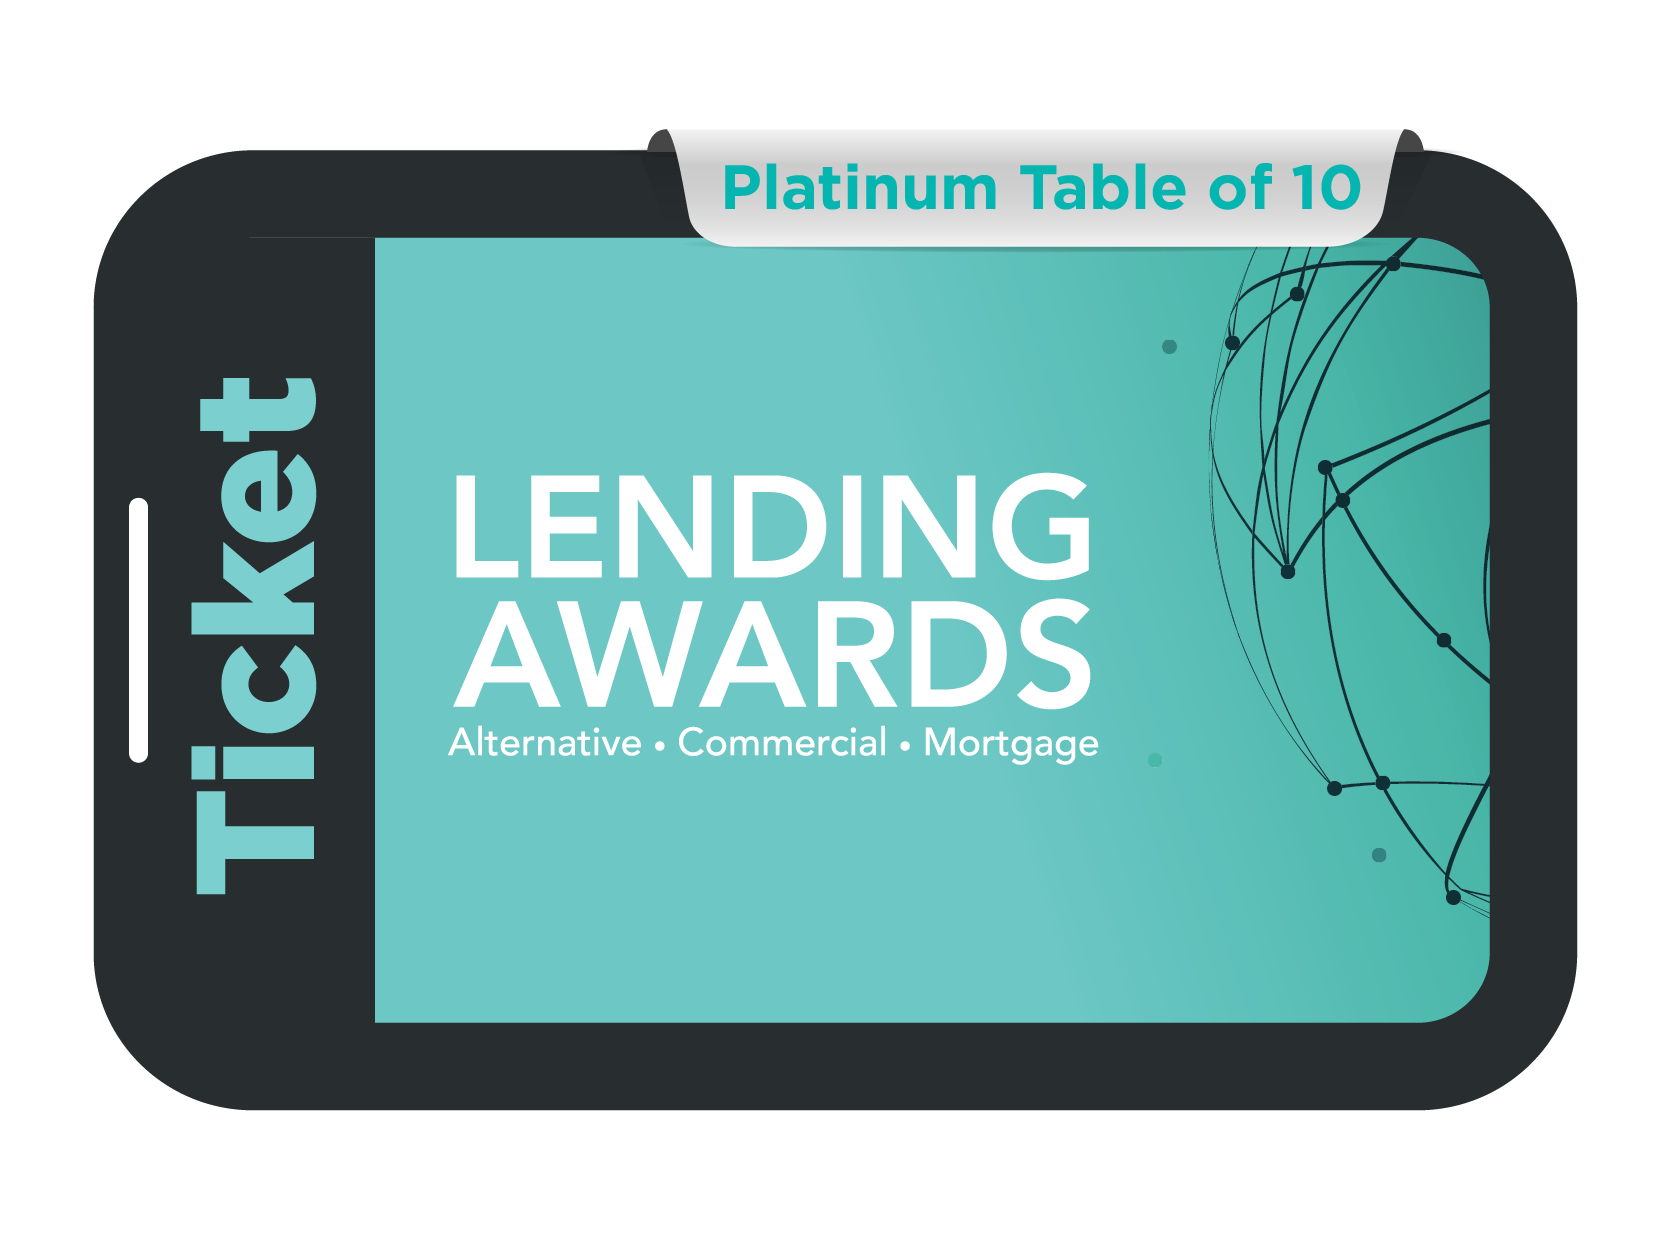 Platinum Table of 10 - Lending Awards 2021